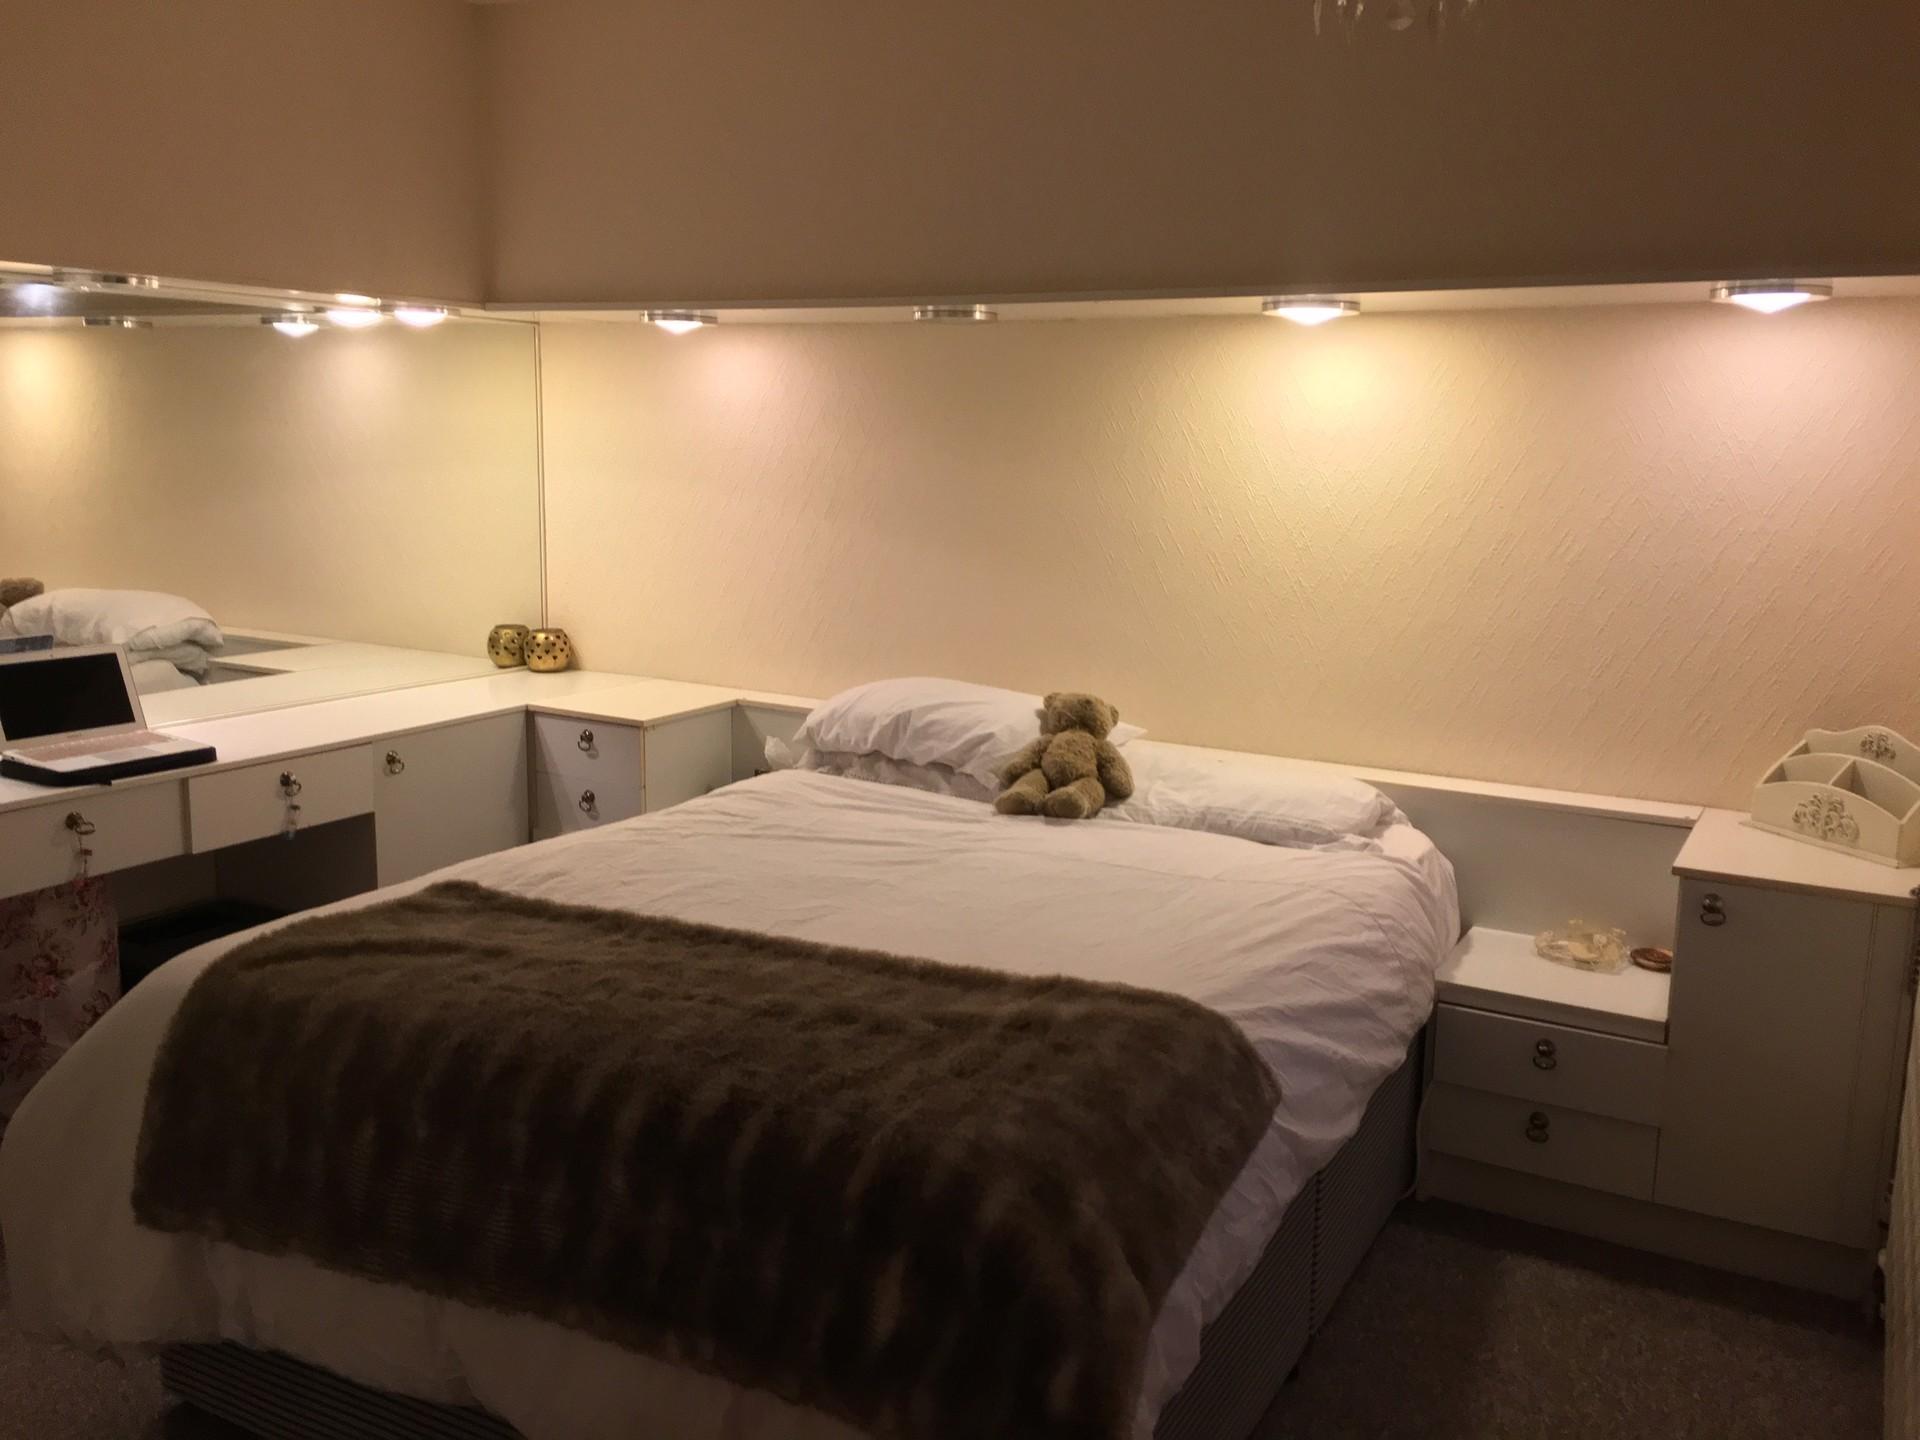 2-lovely-bedrooms-5-minute-walk-campus-32f2bc9ea4c43b17ea2dc414d19a55e2